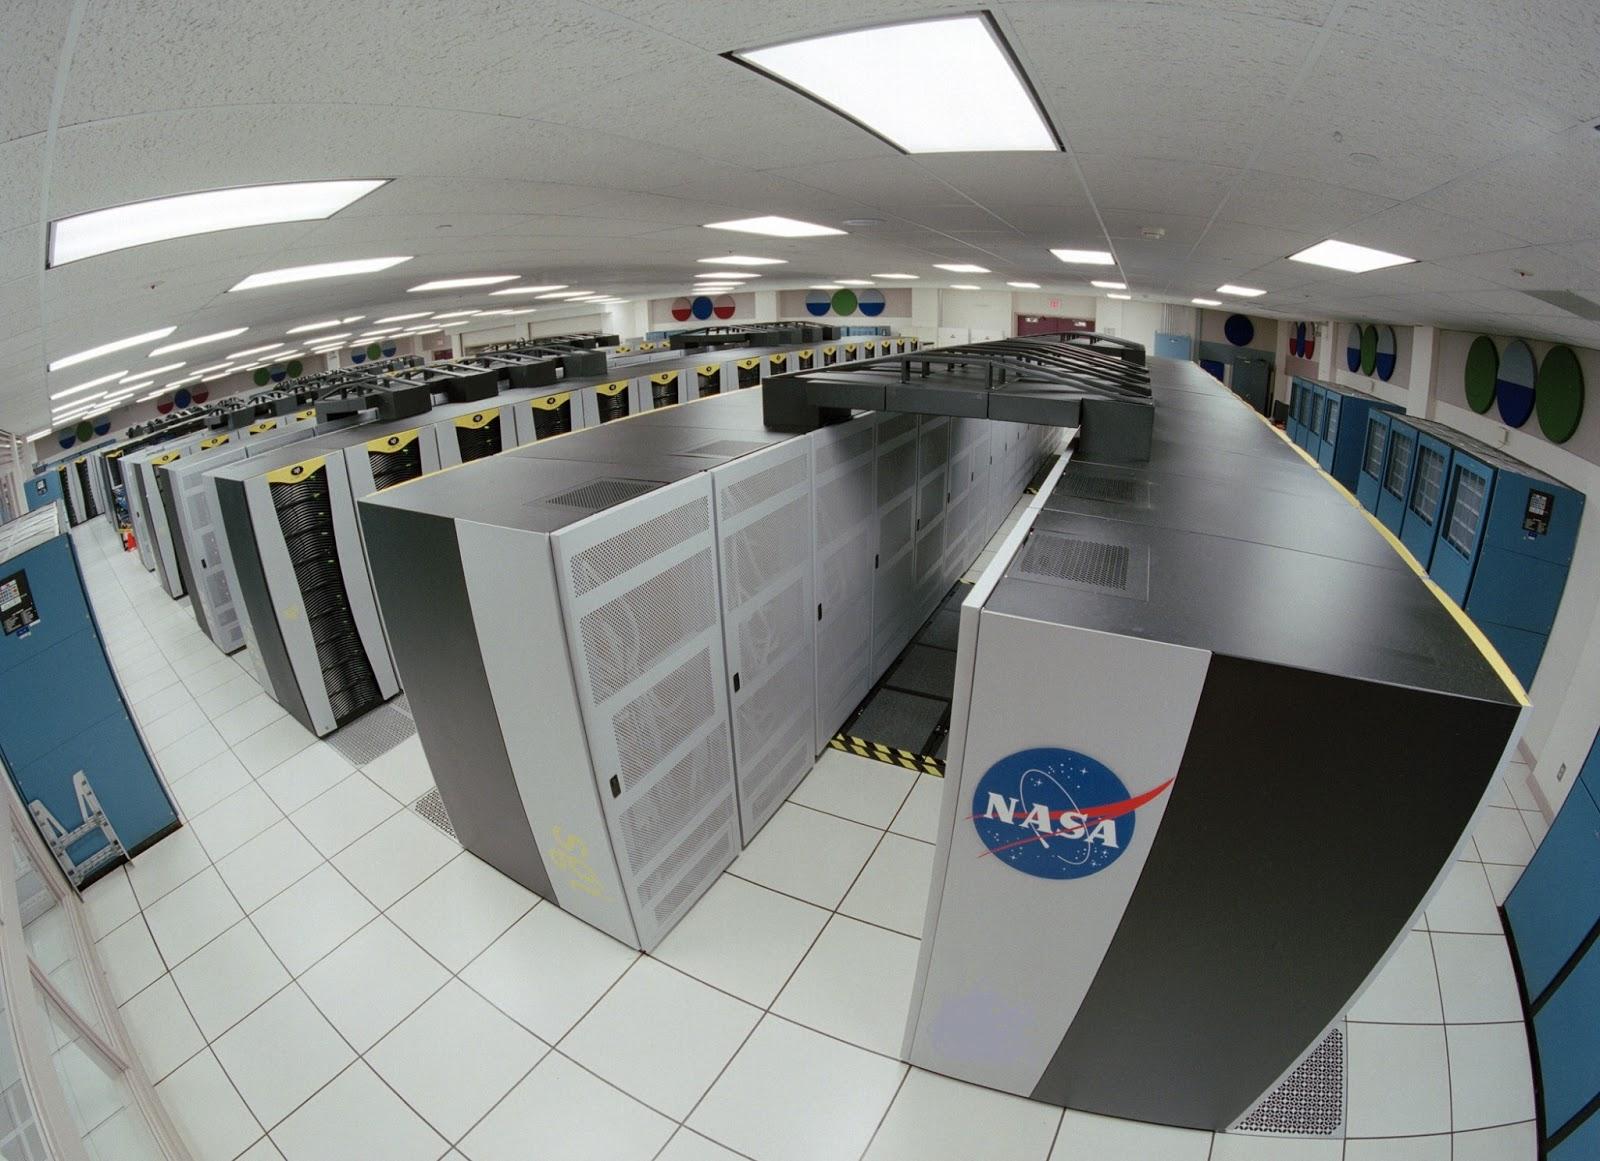 http://4.bp.blogspot.com/-lijox9o53FY/USJHiHGV8PI/AAAAAAAAIiA/5wcdQjhXSk0/s1600/NASA-Sub-domain-is-Vulnerable.jpg